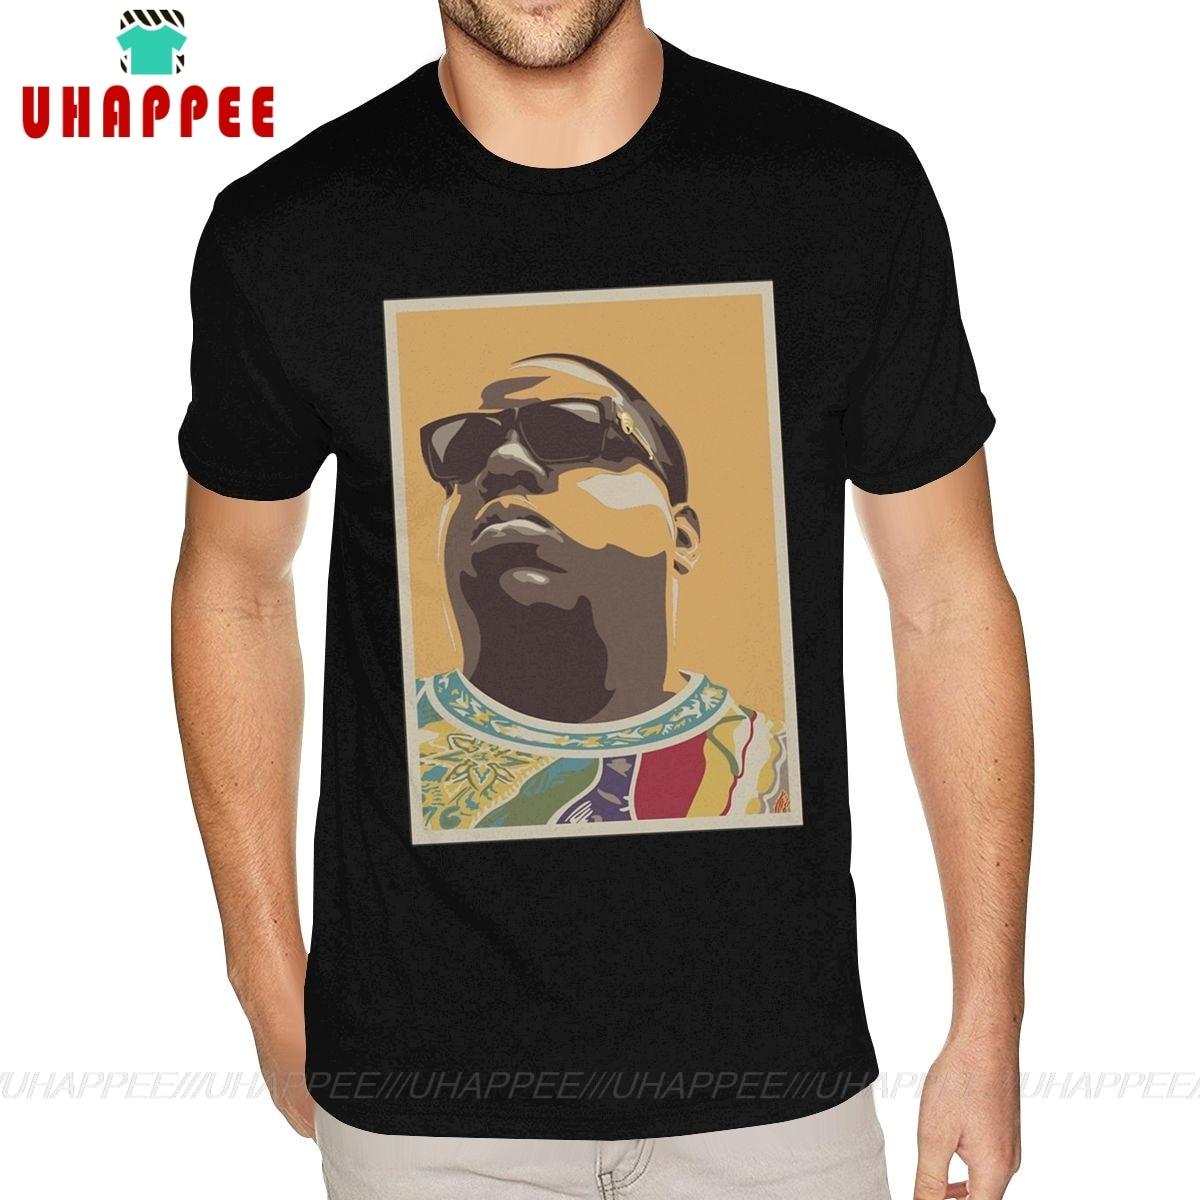 Oansatz Biggie Smalls Notorious BIG Baumwolle T-shirt Baumwolle herren Kleine Größe Schwarz Shirts